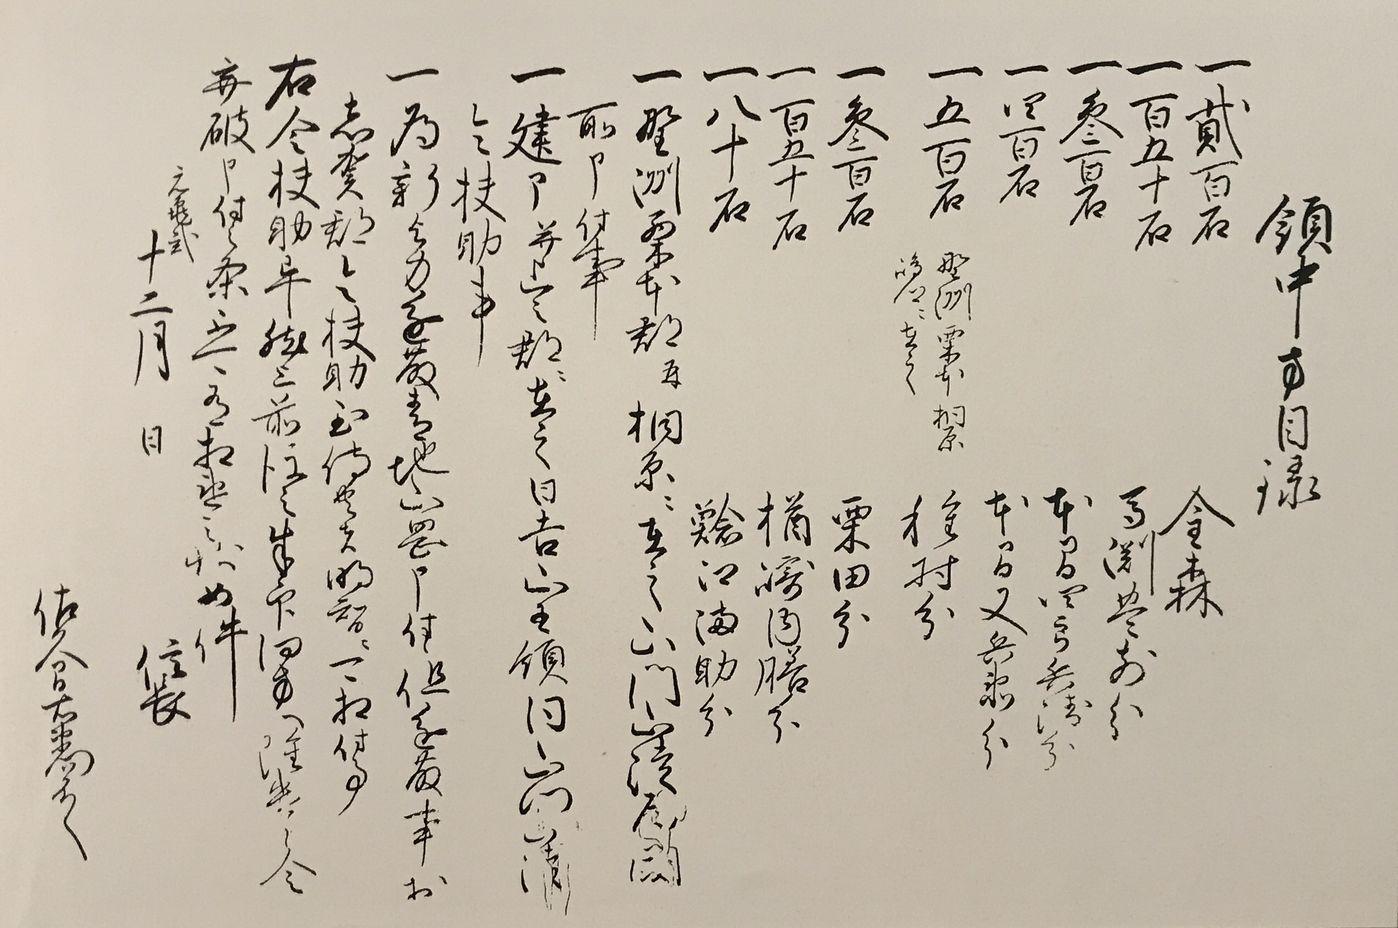 元亀二年十二月日付け領中方目録写